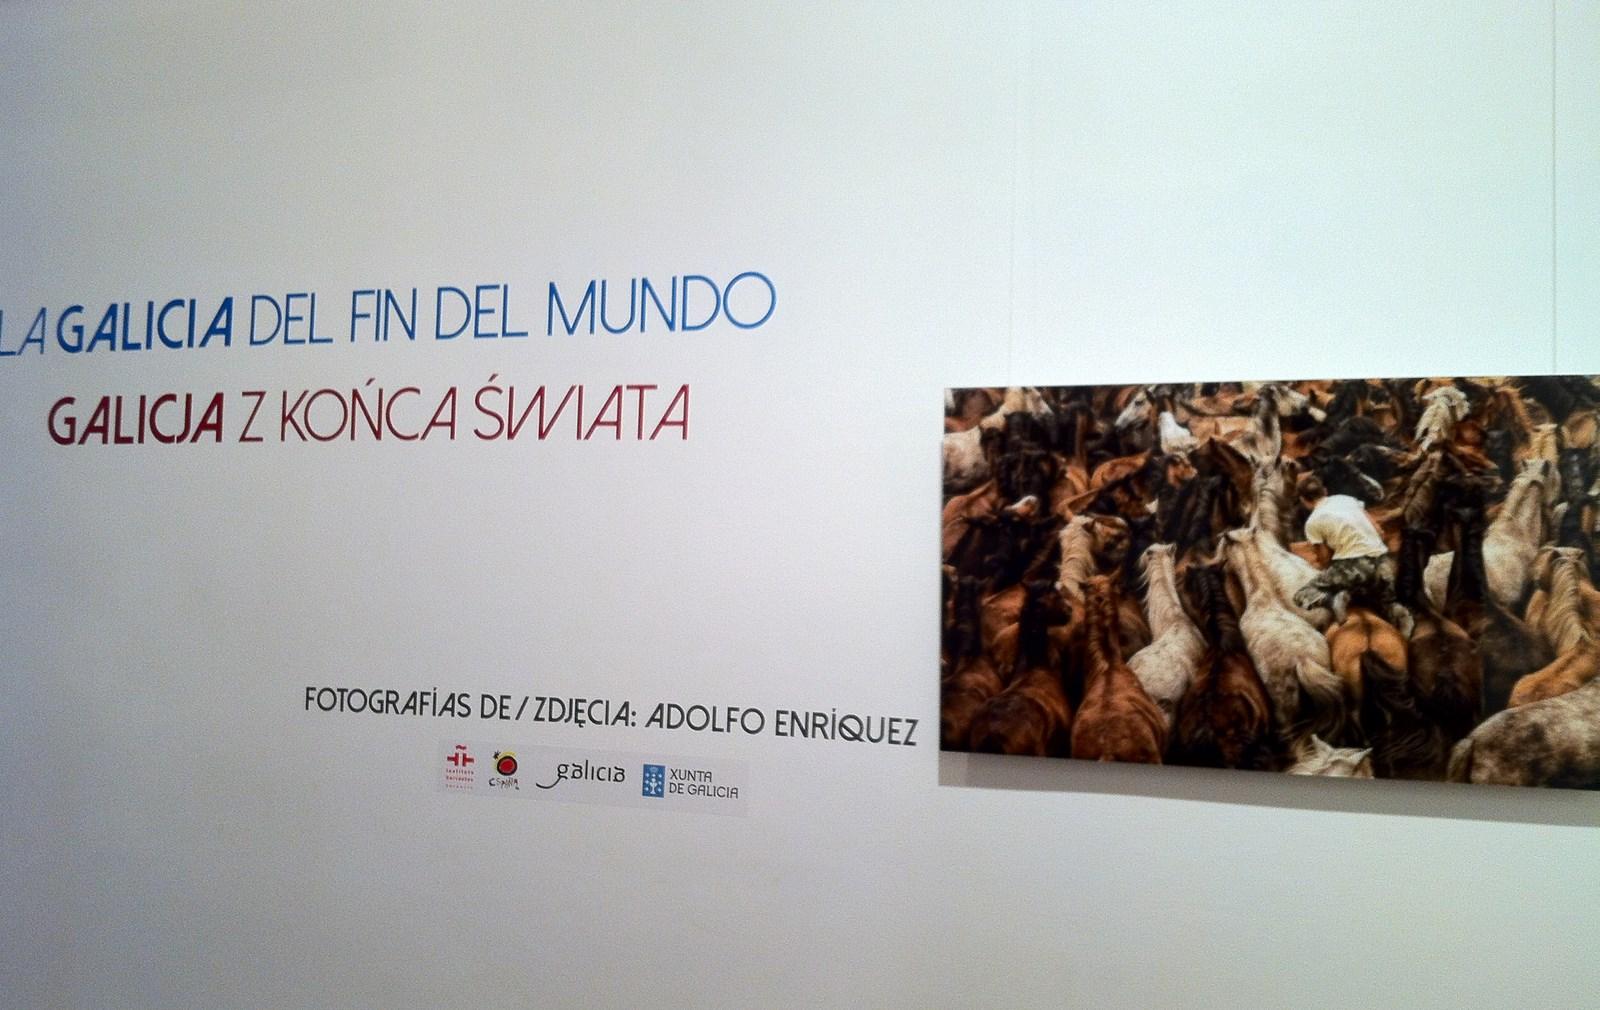 Turismo organiza unha exposición fotográfica sobre Galicia no Instituto Cervantes de Varsovia